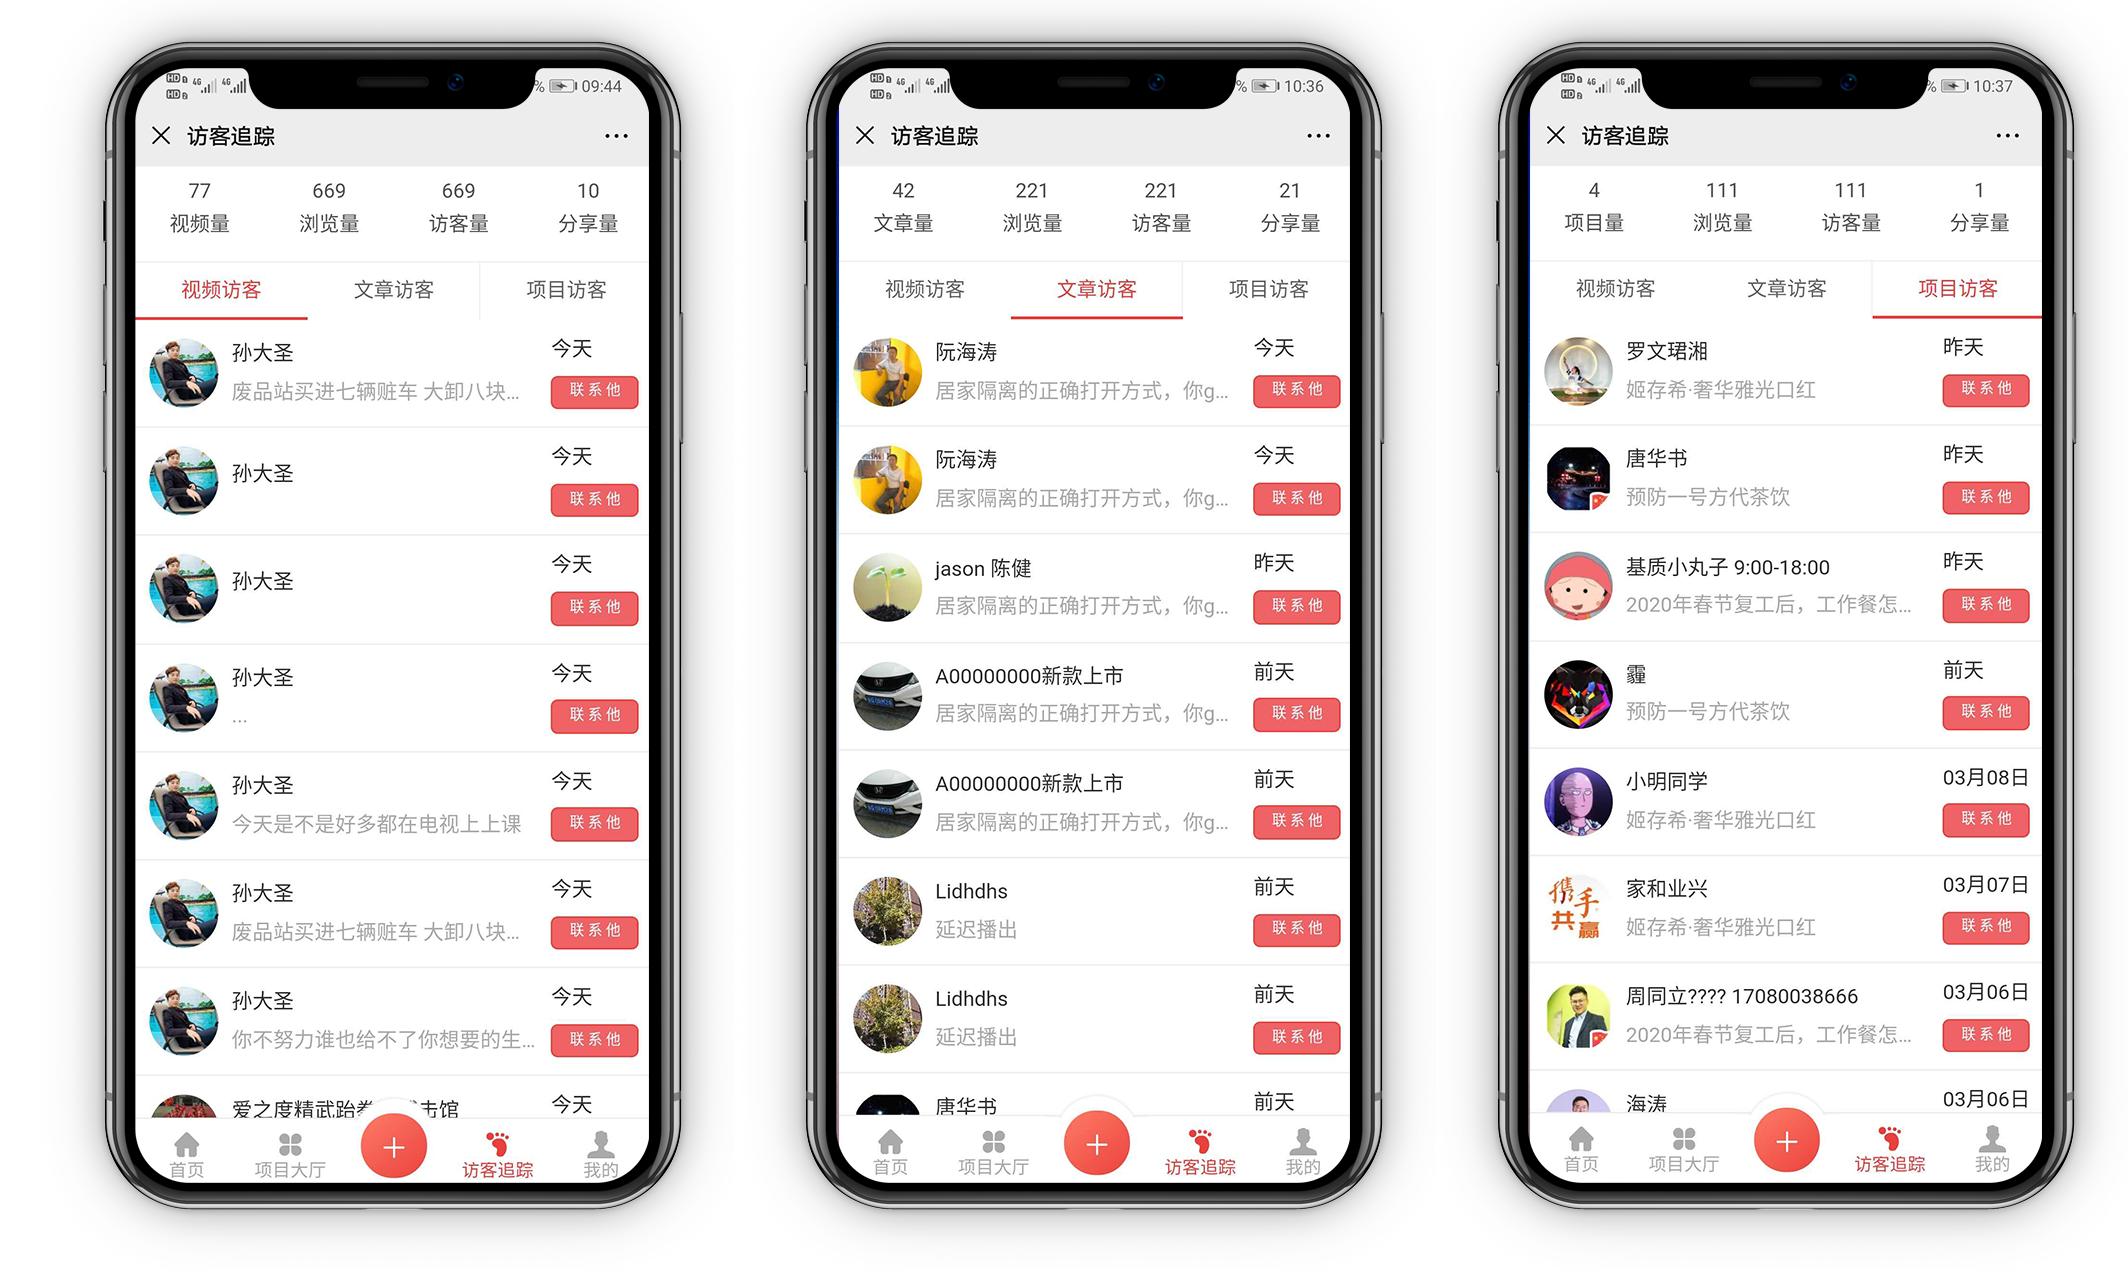 朋友圈广告助手V11.9.0-一天源码